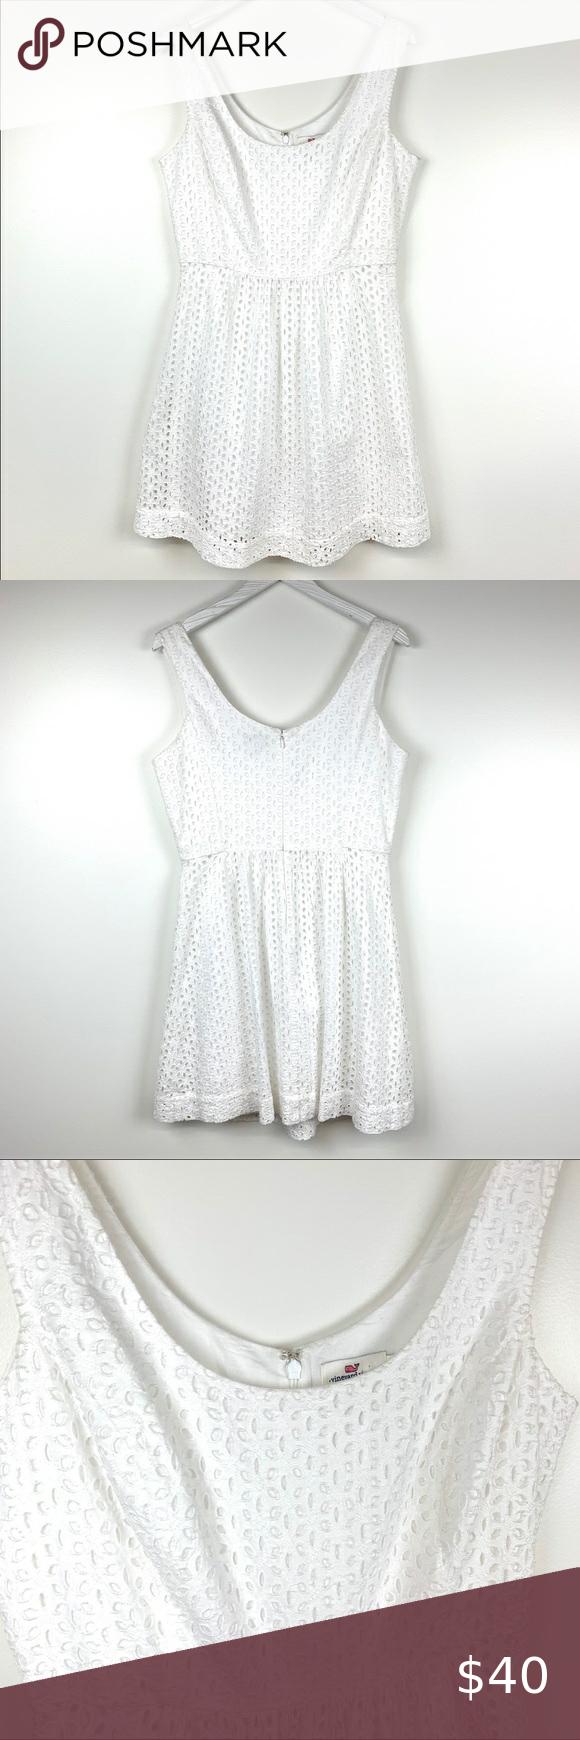 Vineyard Vines White Eyelet Dress Eyelet Dress White Eyelet White Eyelet Dress [ 1740 x 580 Pixel ]